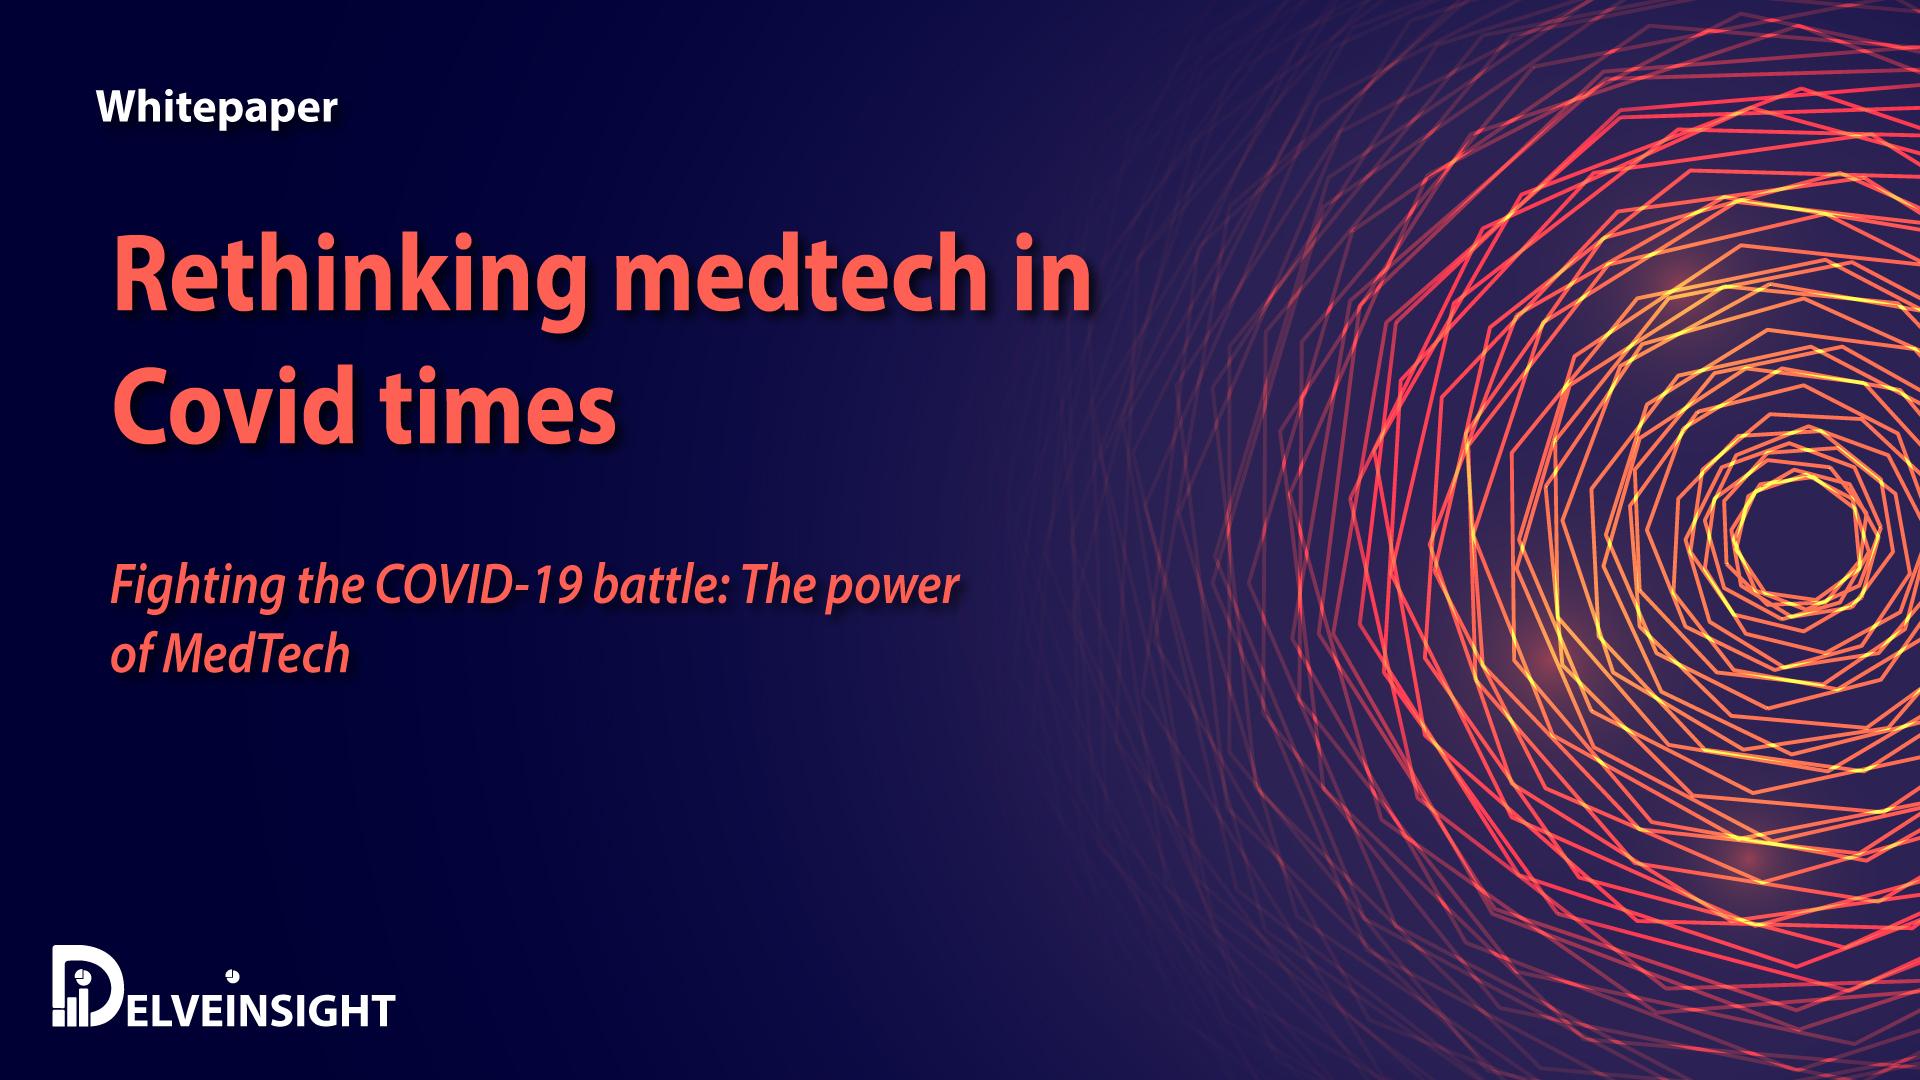 Rethinking Medtech Whitepaper